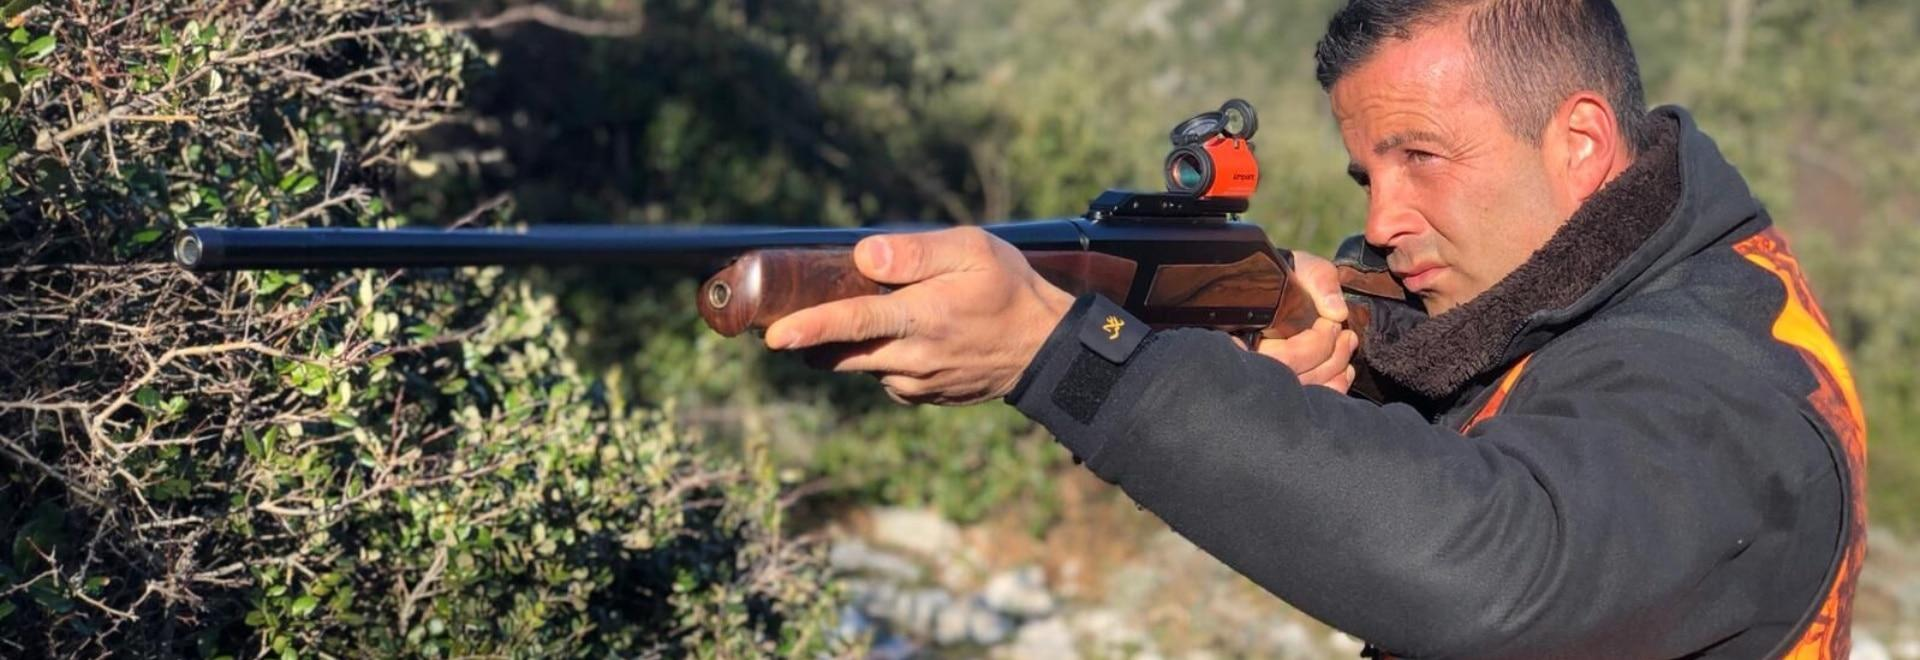 Allenamento per il tiro con la canna liscia